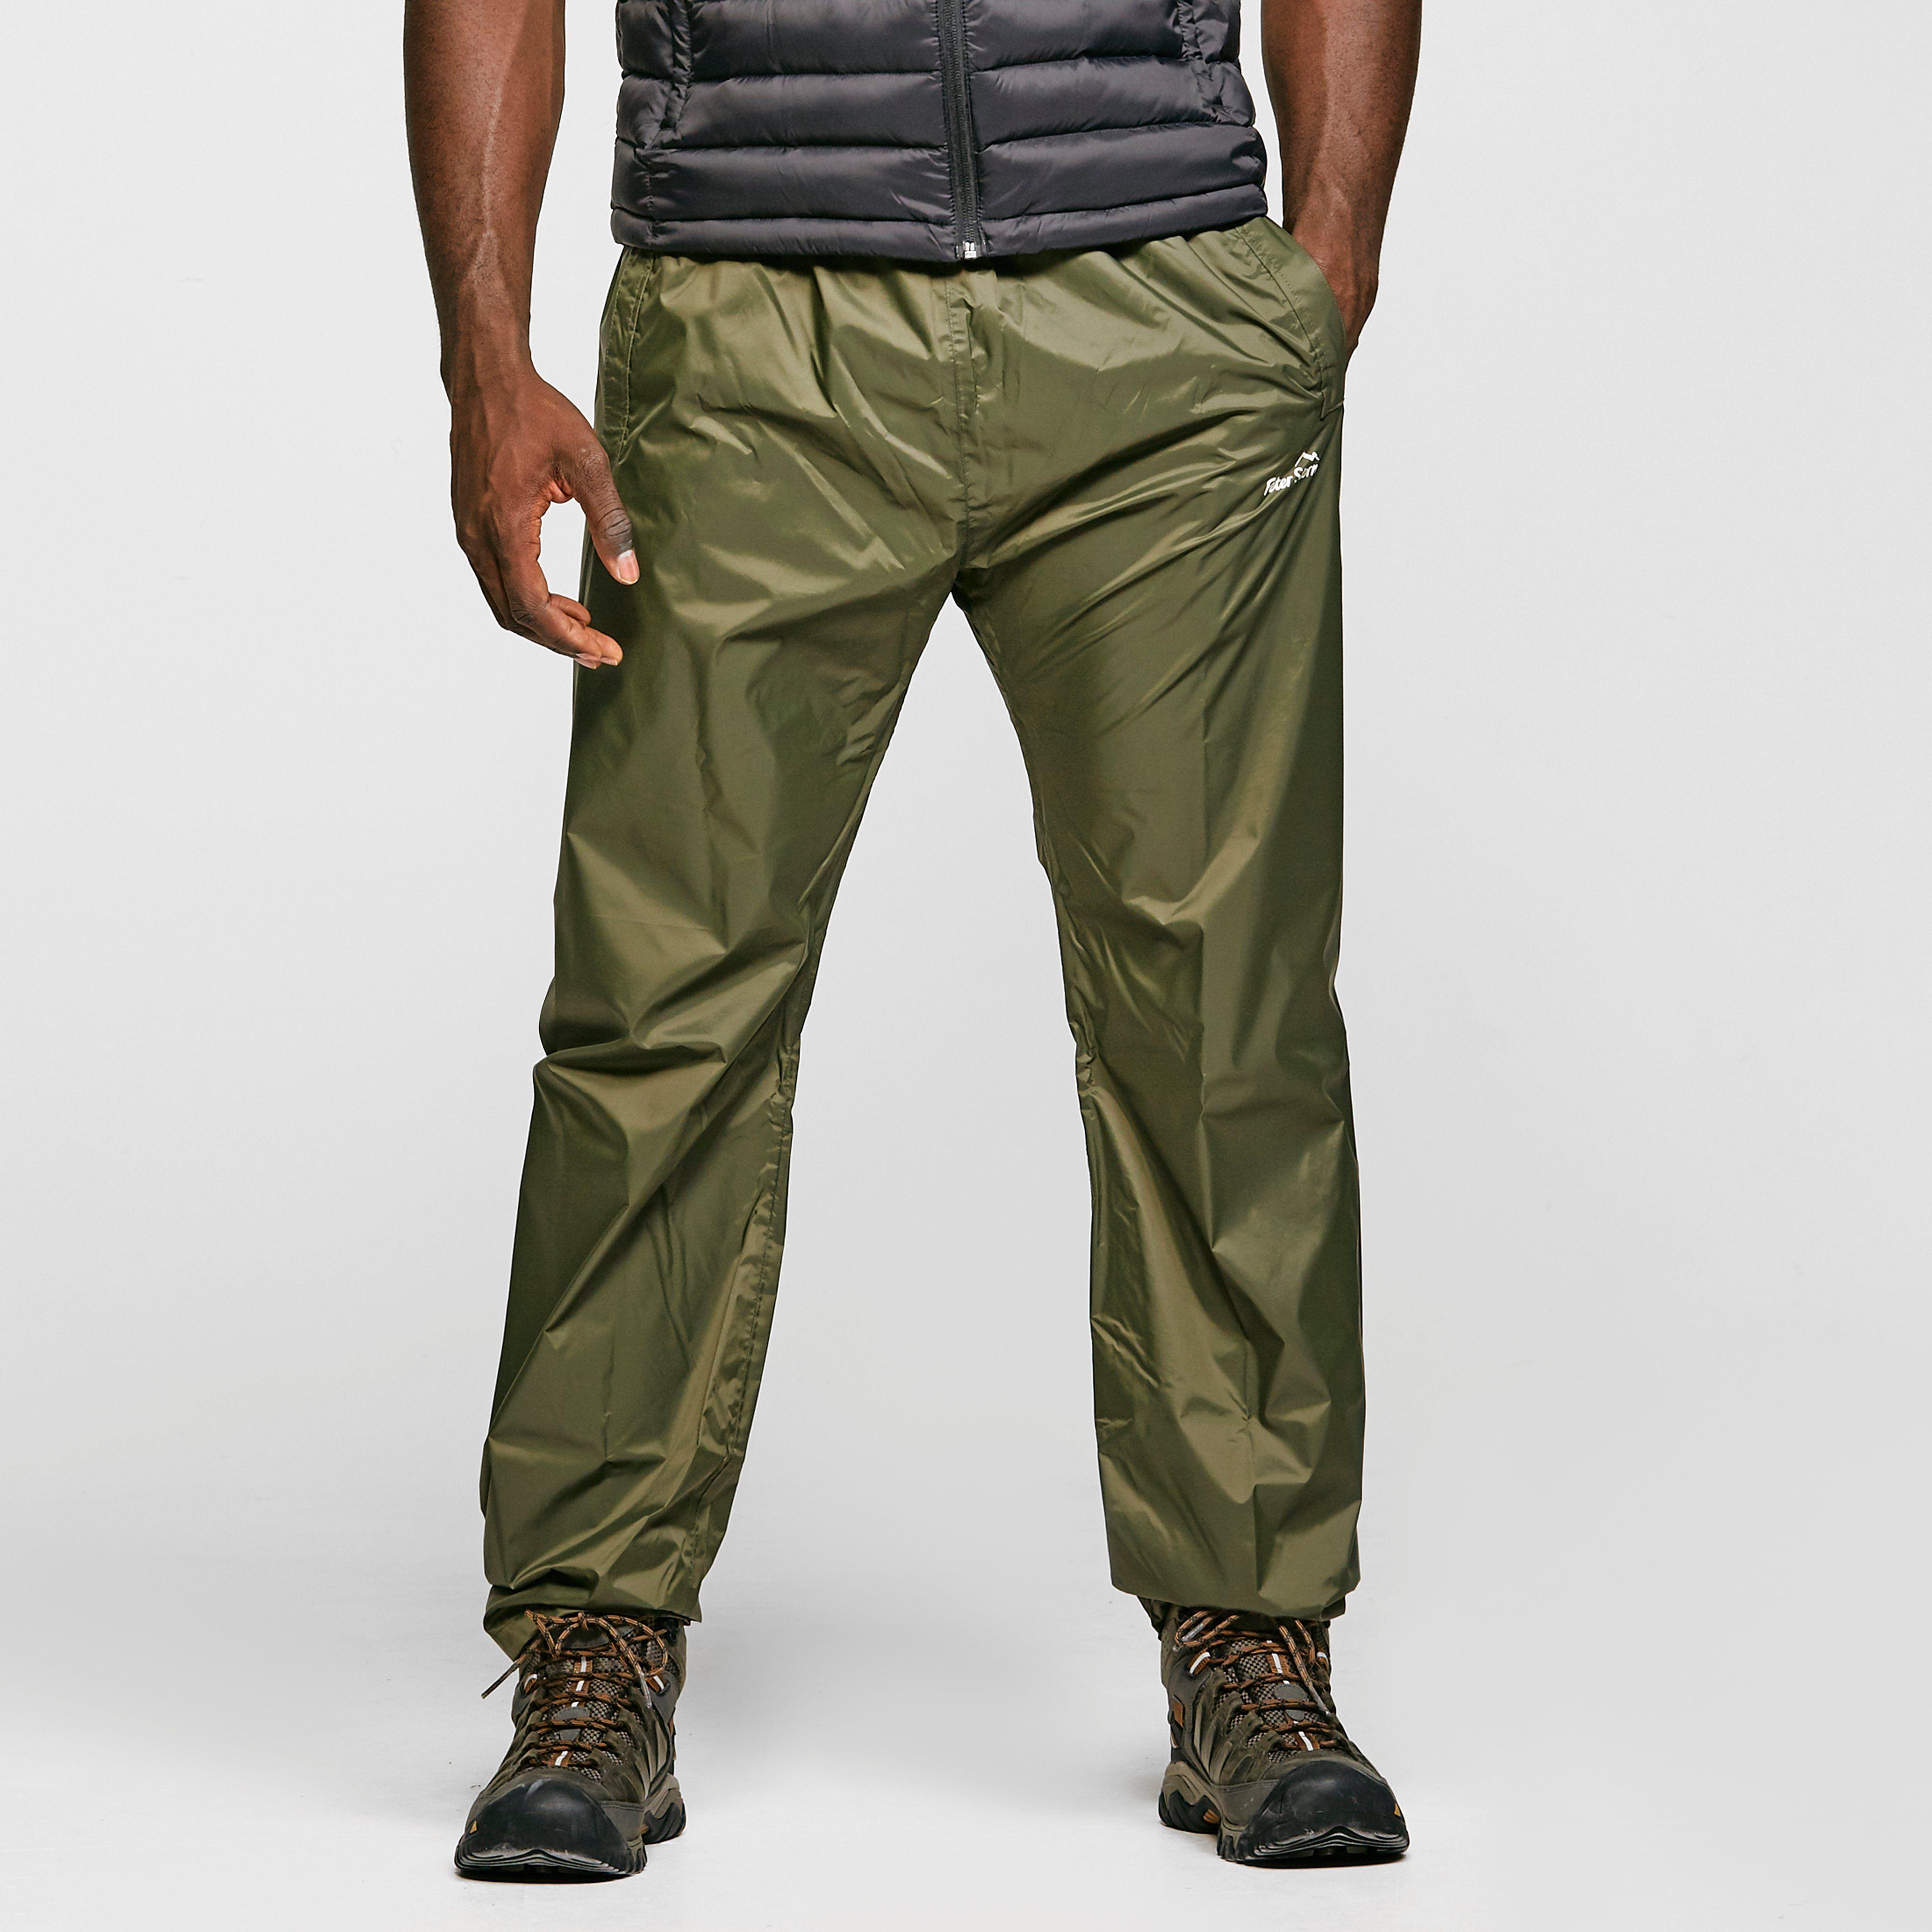 PETER STORM Men's Packable Pants